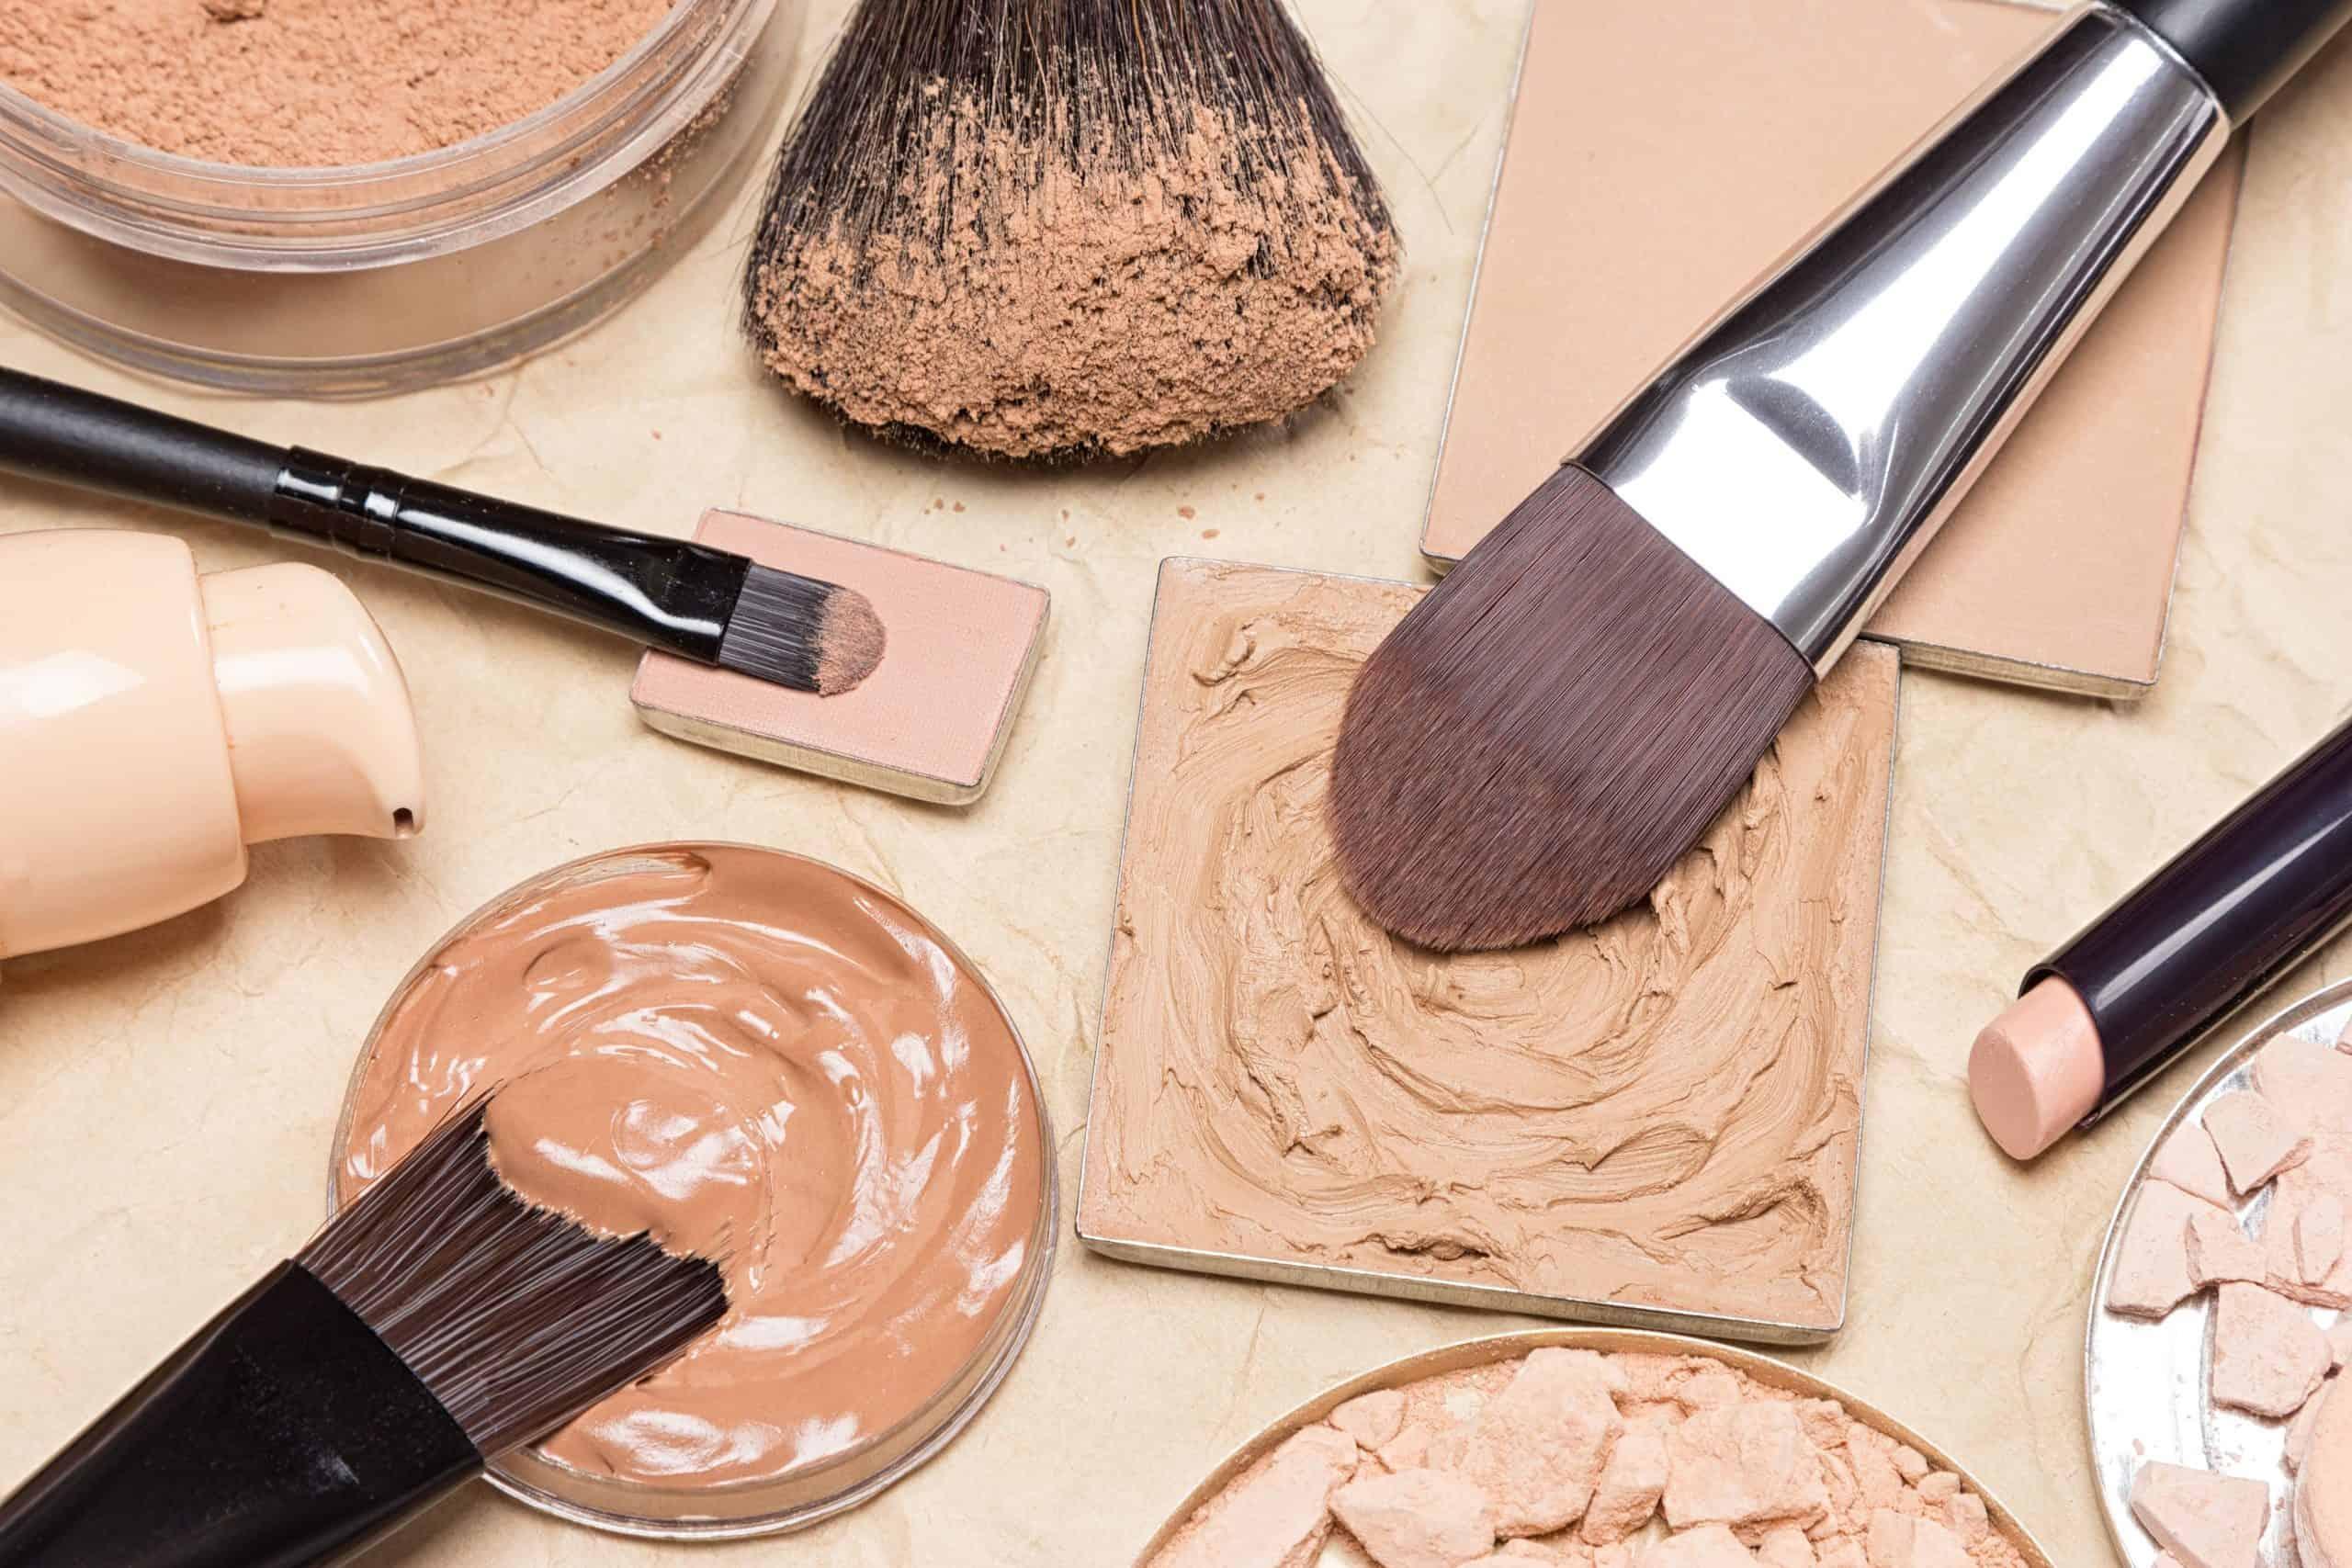 foundation brushes with foundation